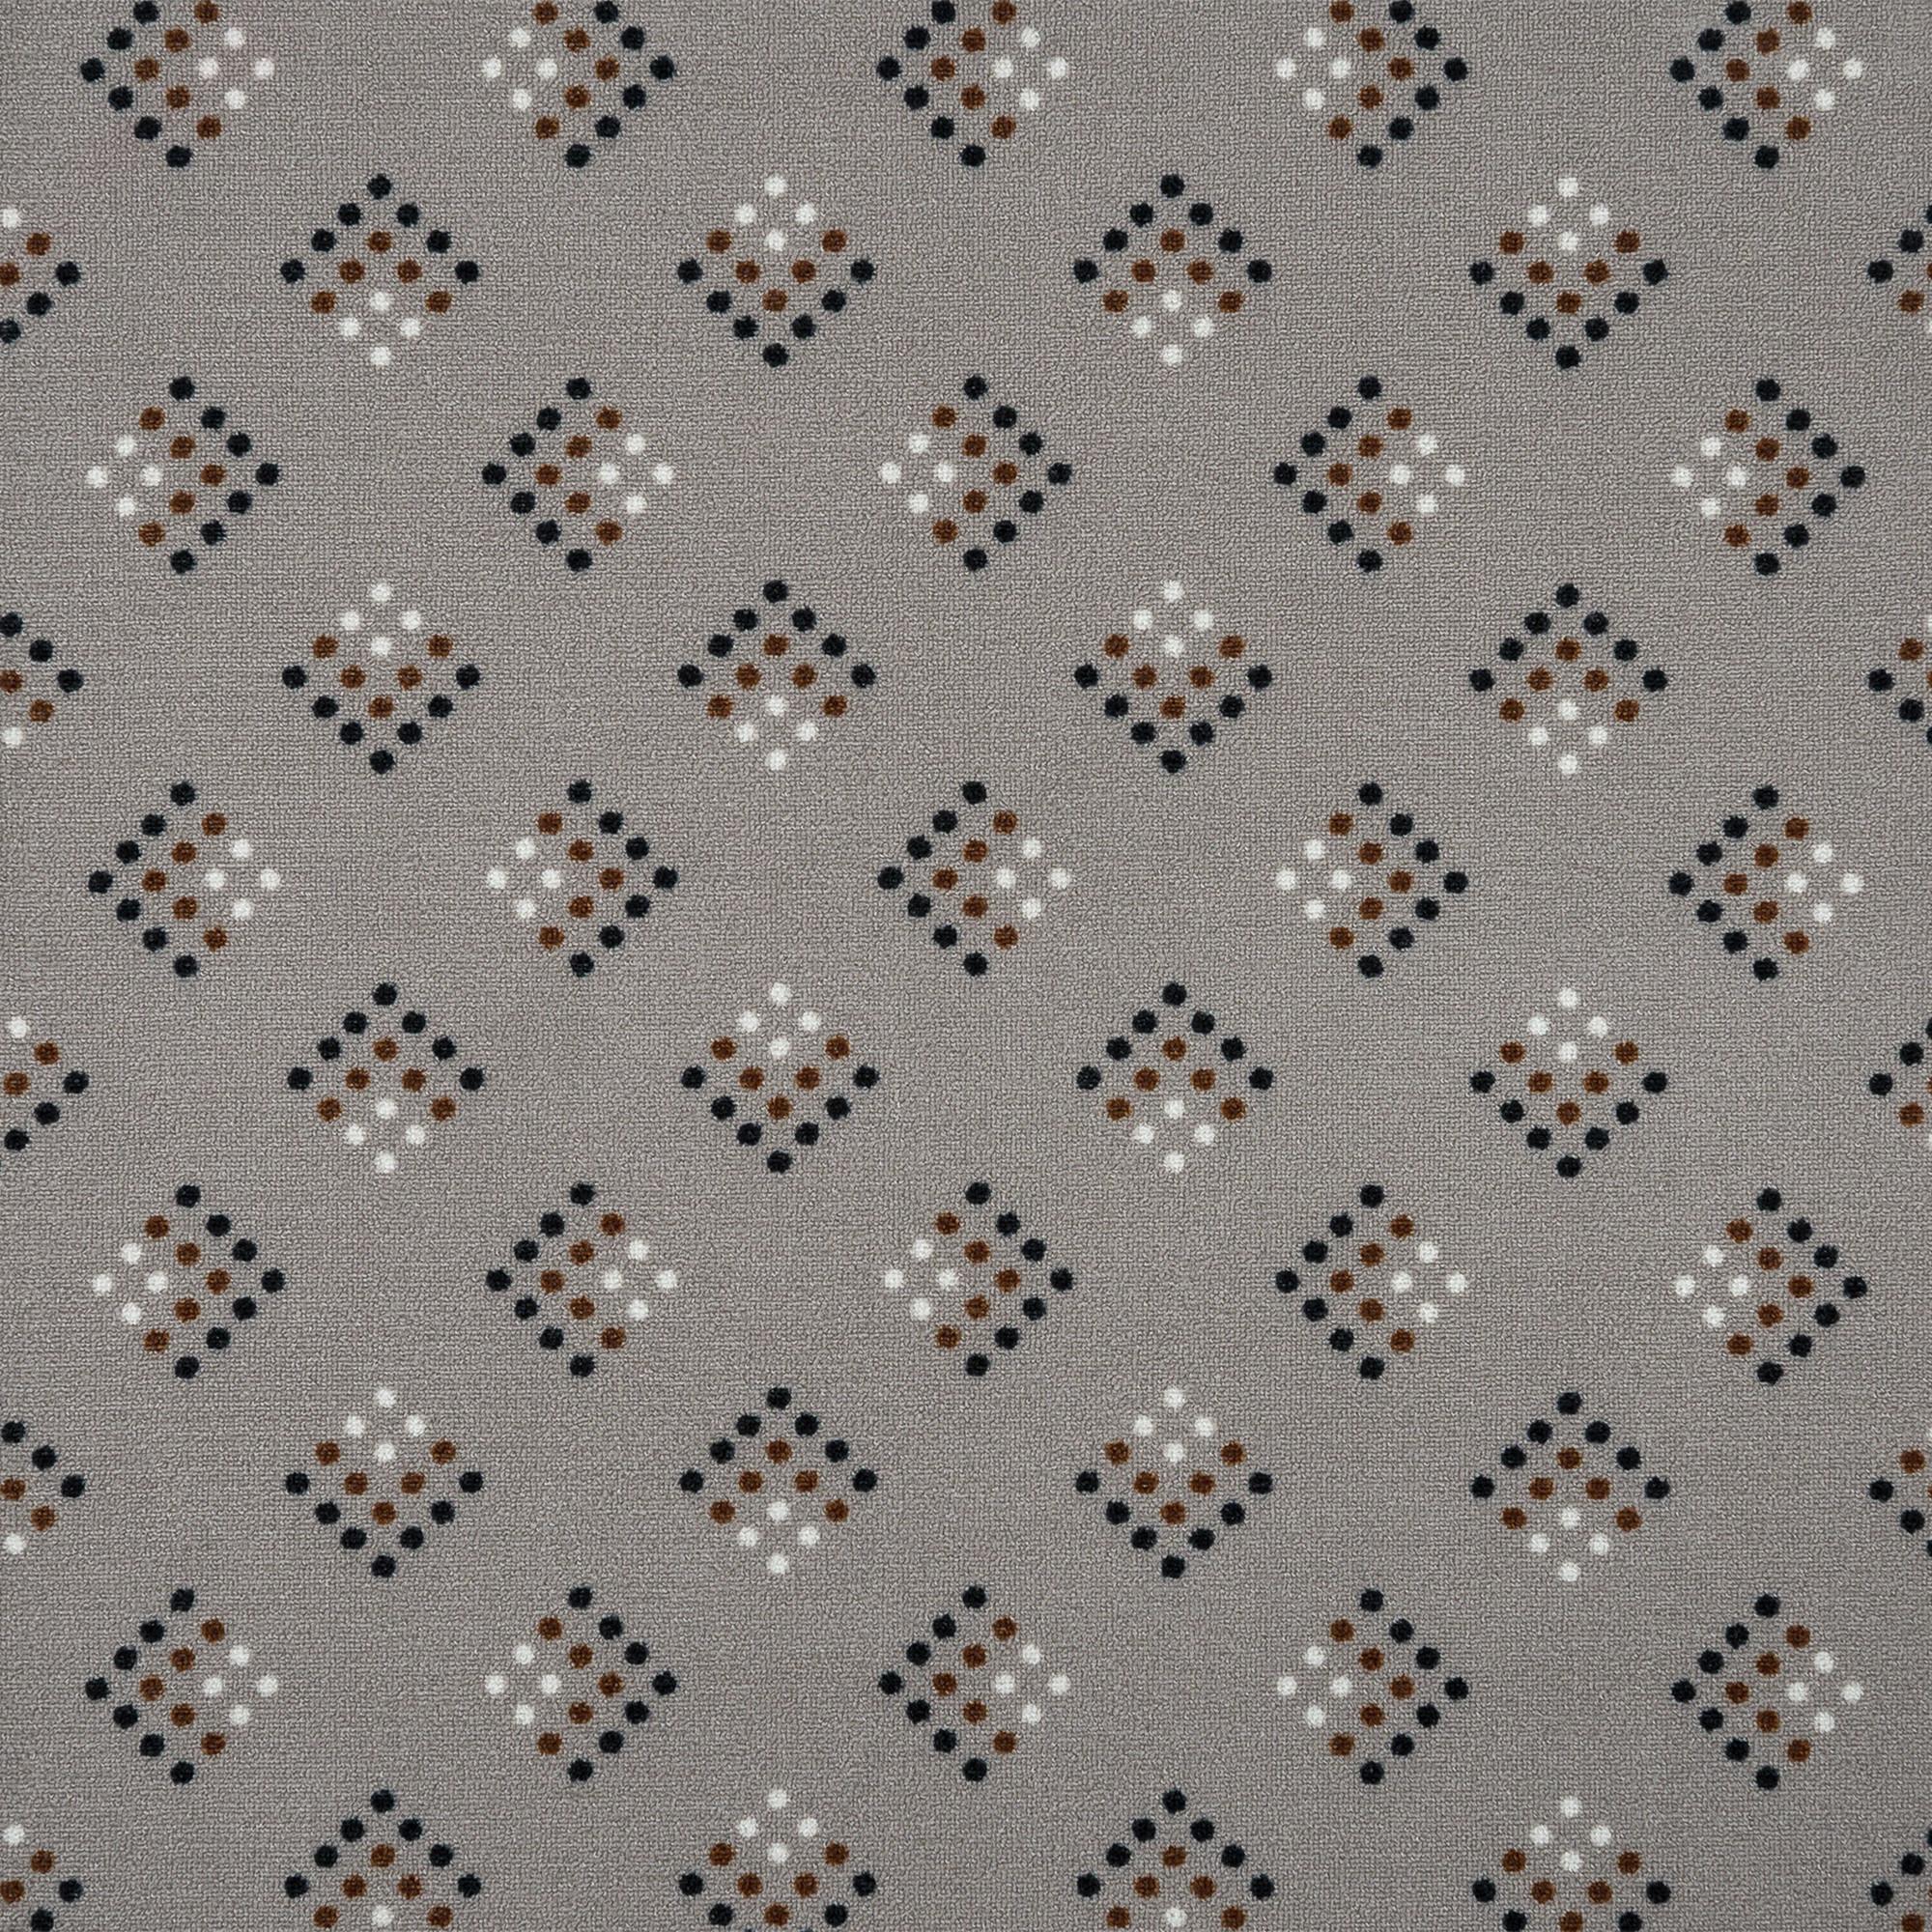 Ковровое покрытие «Сквер» 90/90, 2.5 м, цвет серый